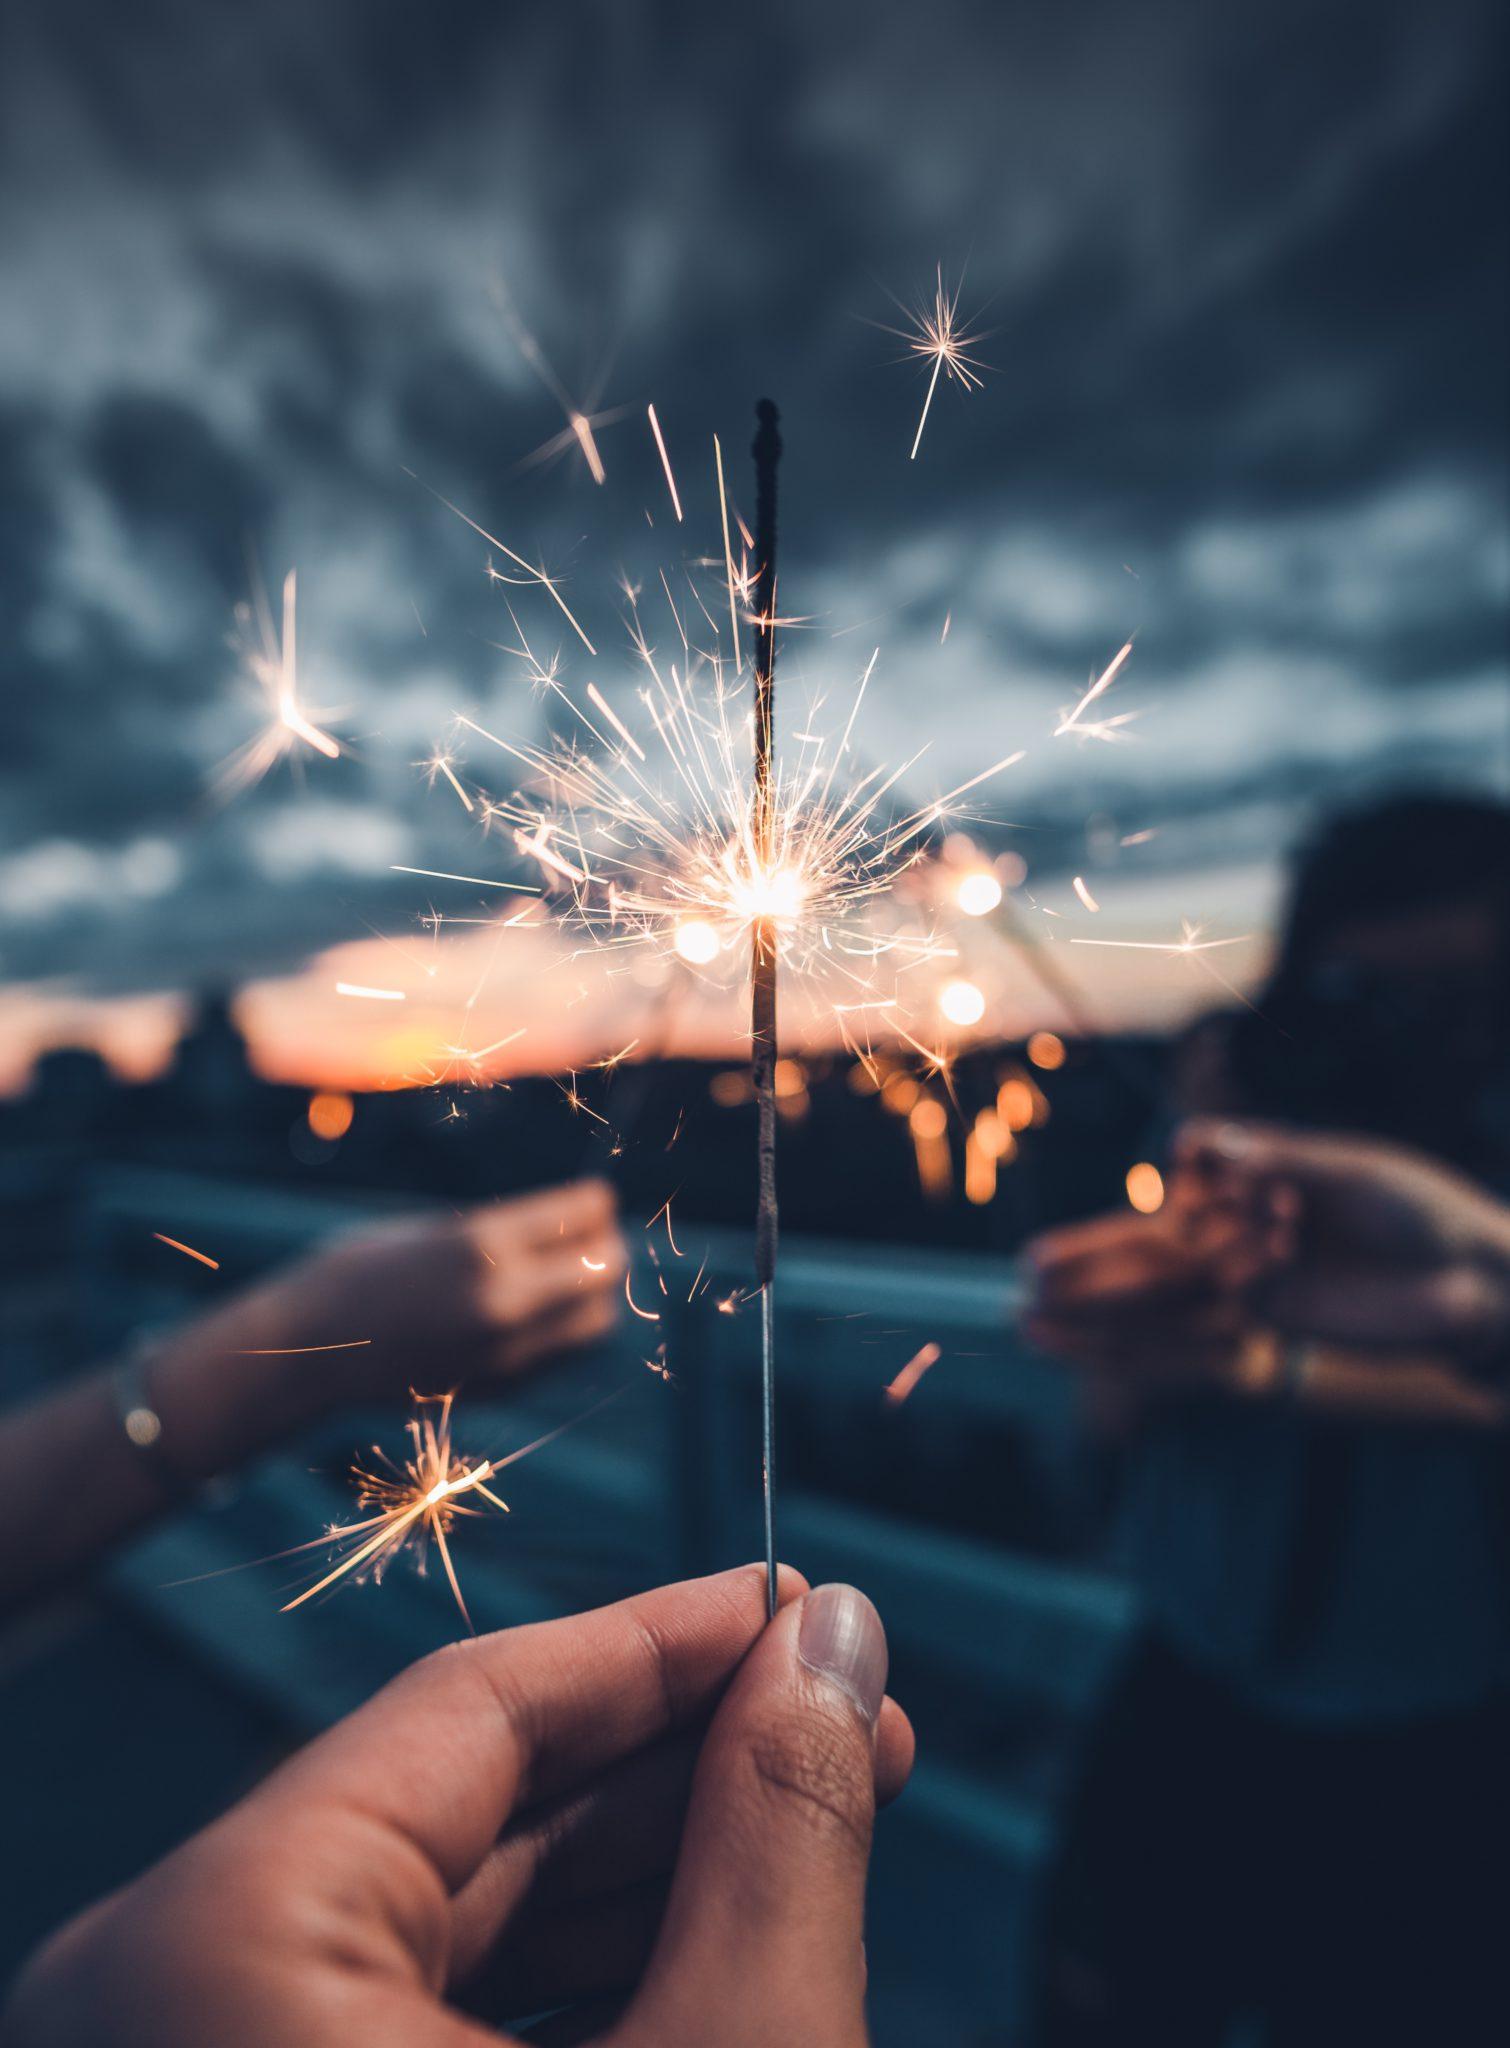 Намигване към новата… година